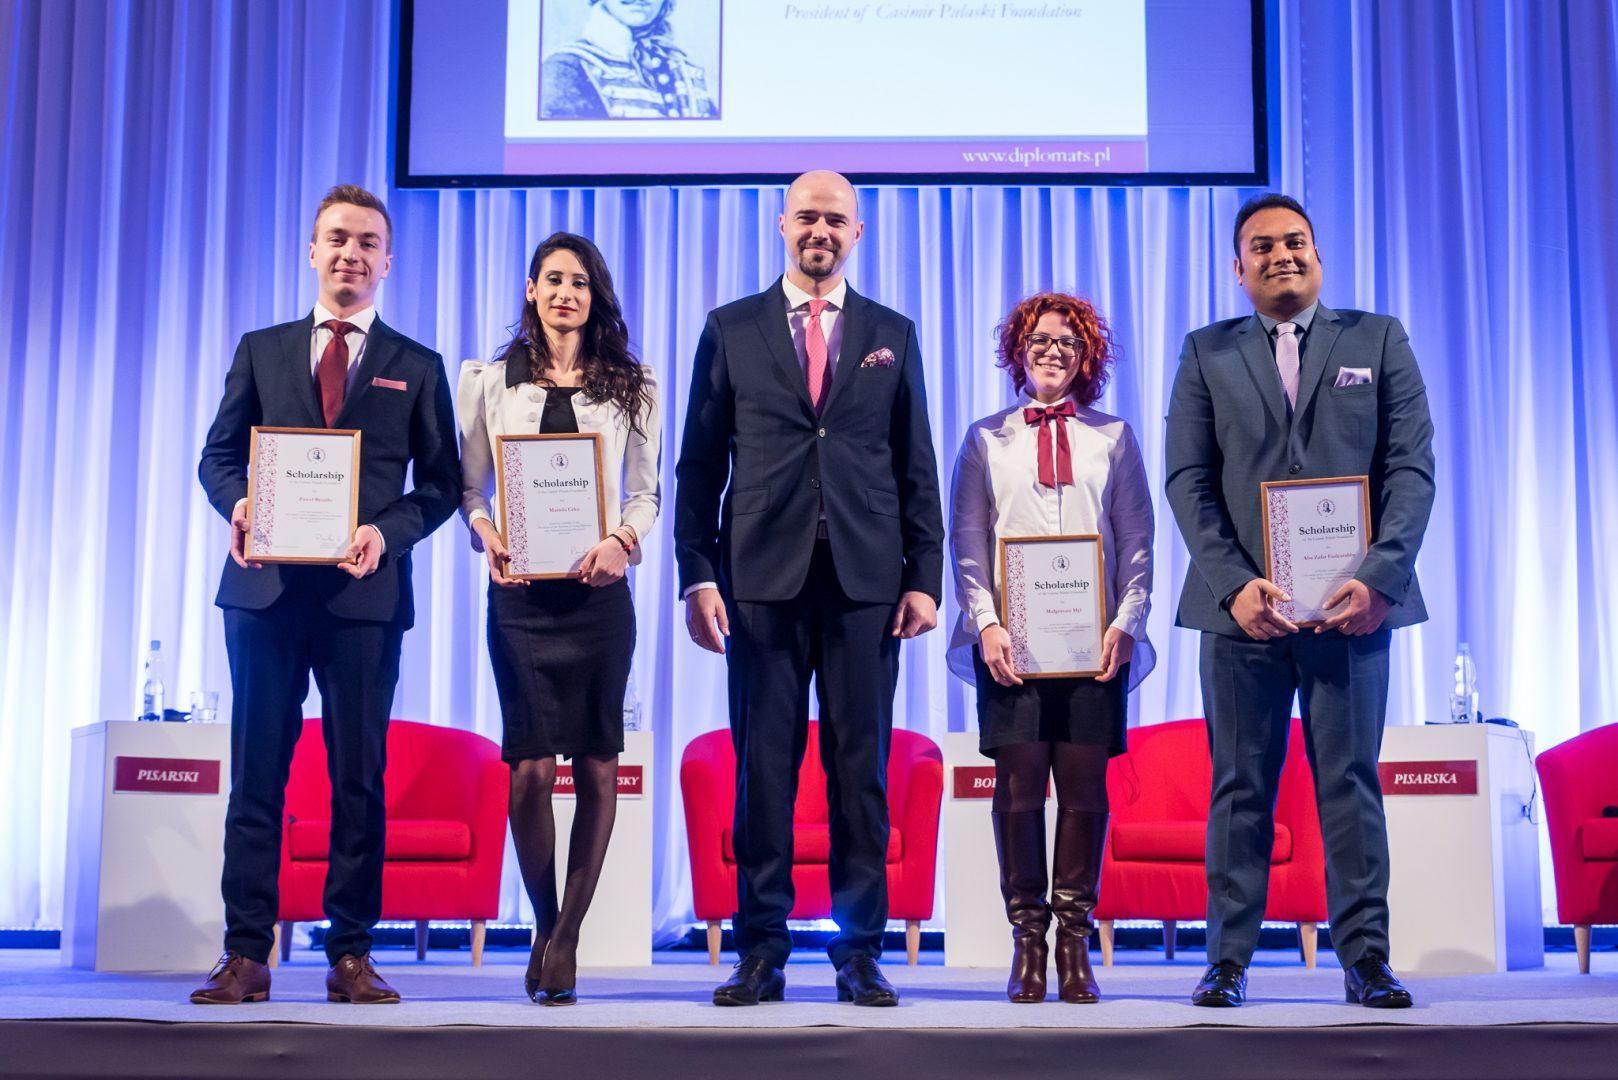 Scholarships of Pulaski Foundation awarded